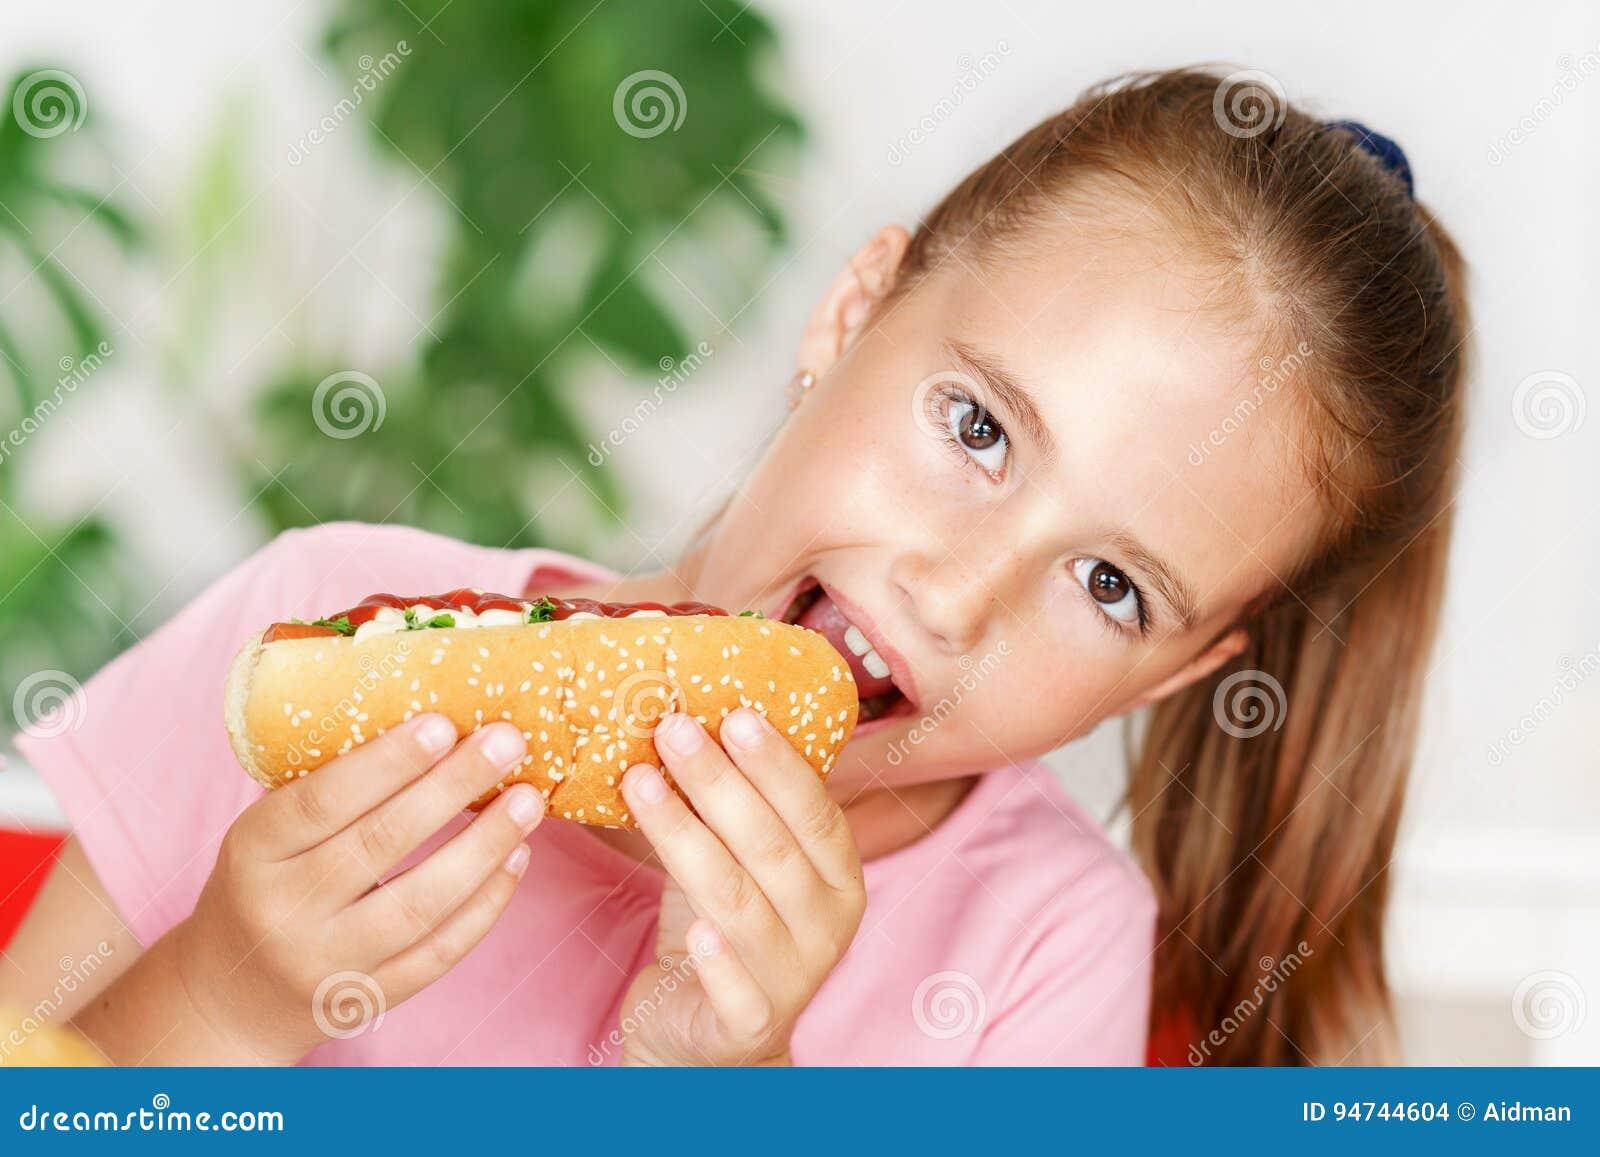 Молодая милая европейская девушка в футболке ест нездоровую еду как хот-дог и обломоки